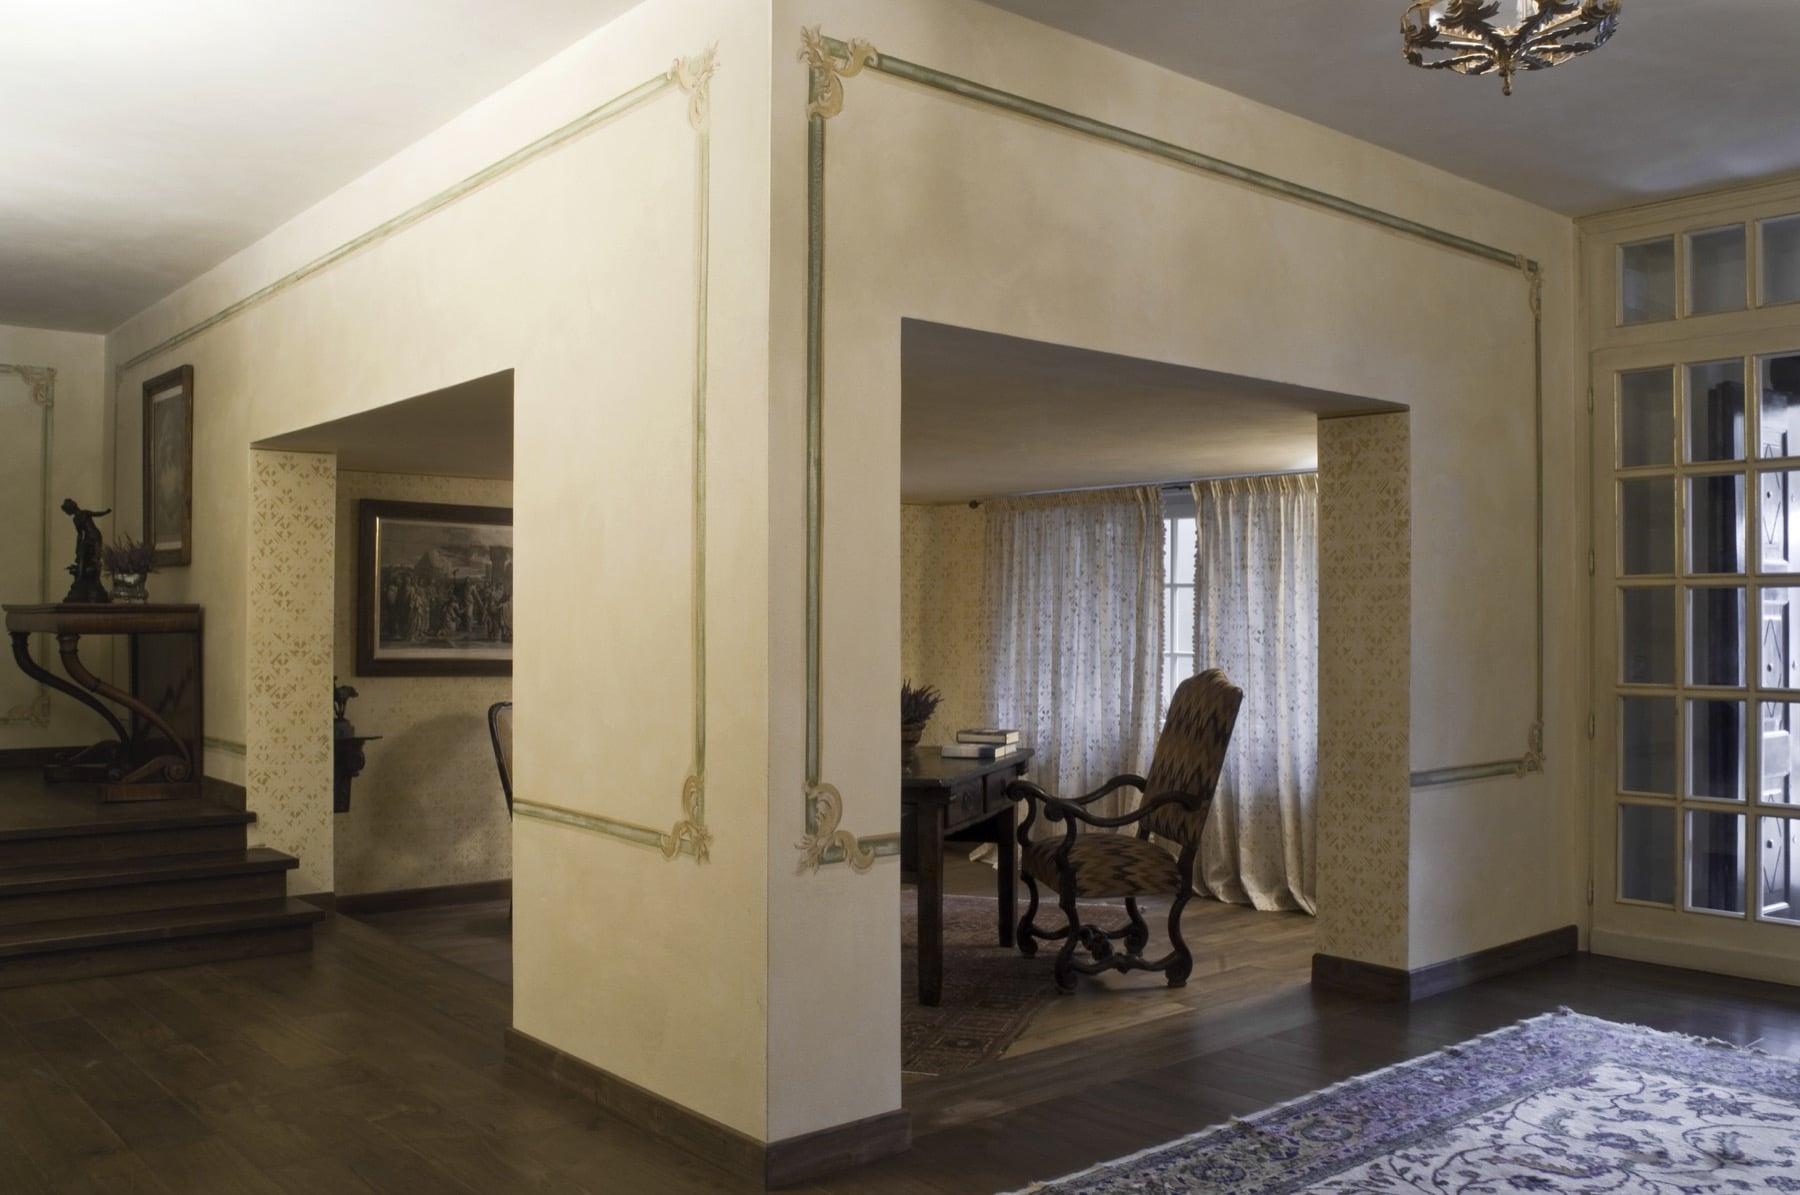 Villa in Piacenza — Quadrature Interiors — 00